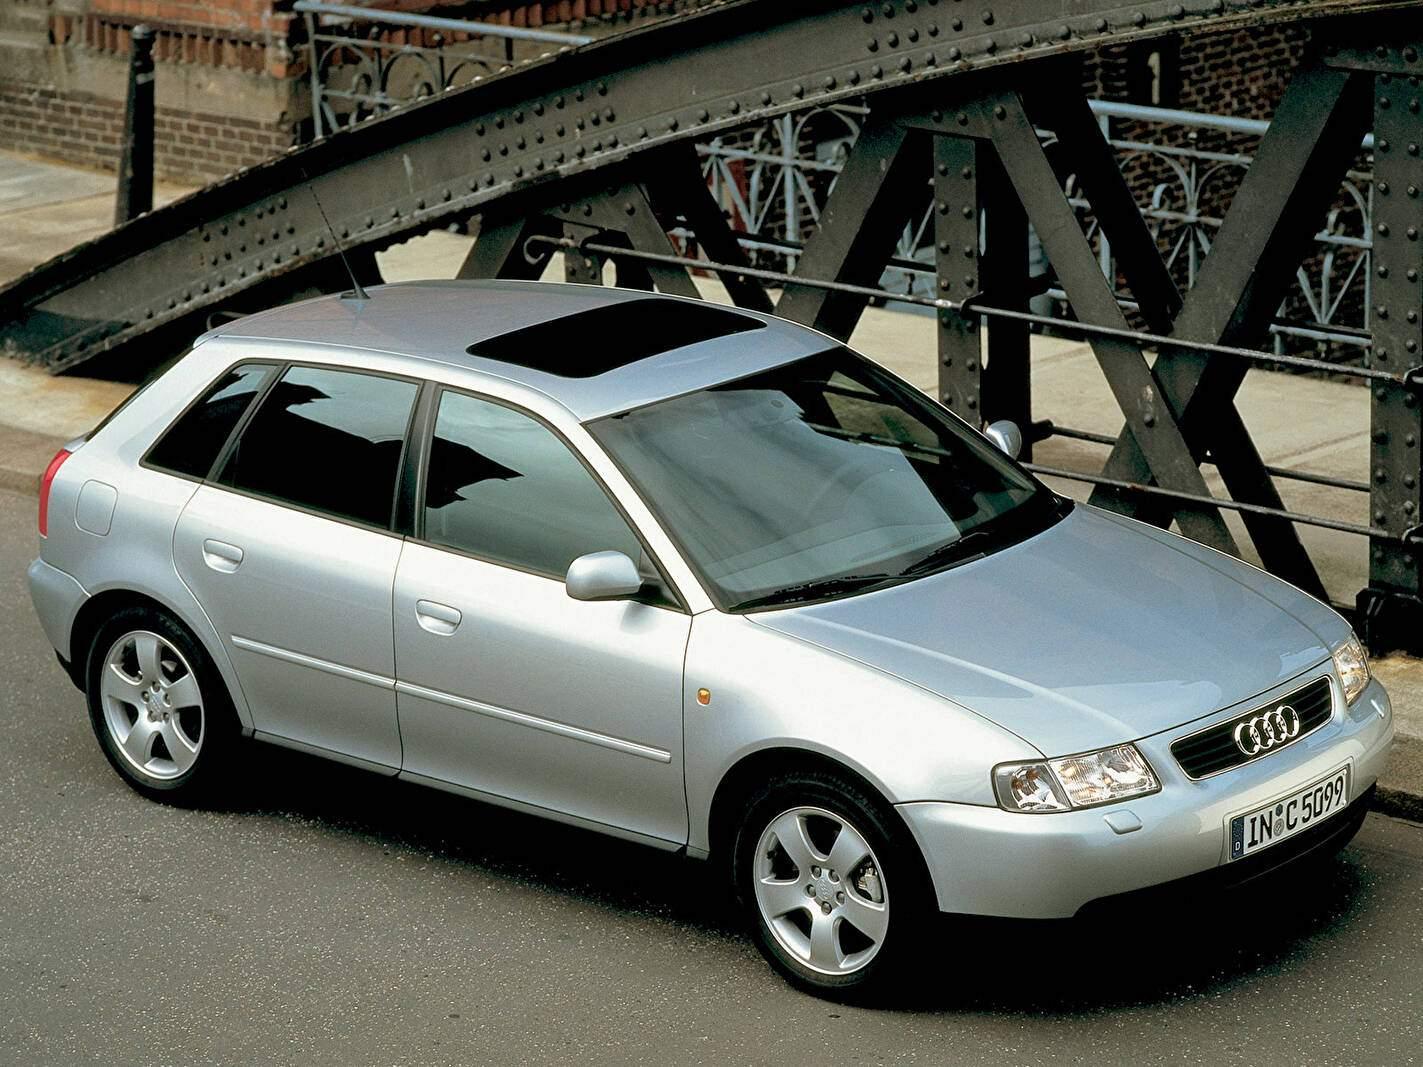 Fiche technique Audi A3 1.9 TDI 130 (2001-2003)